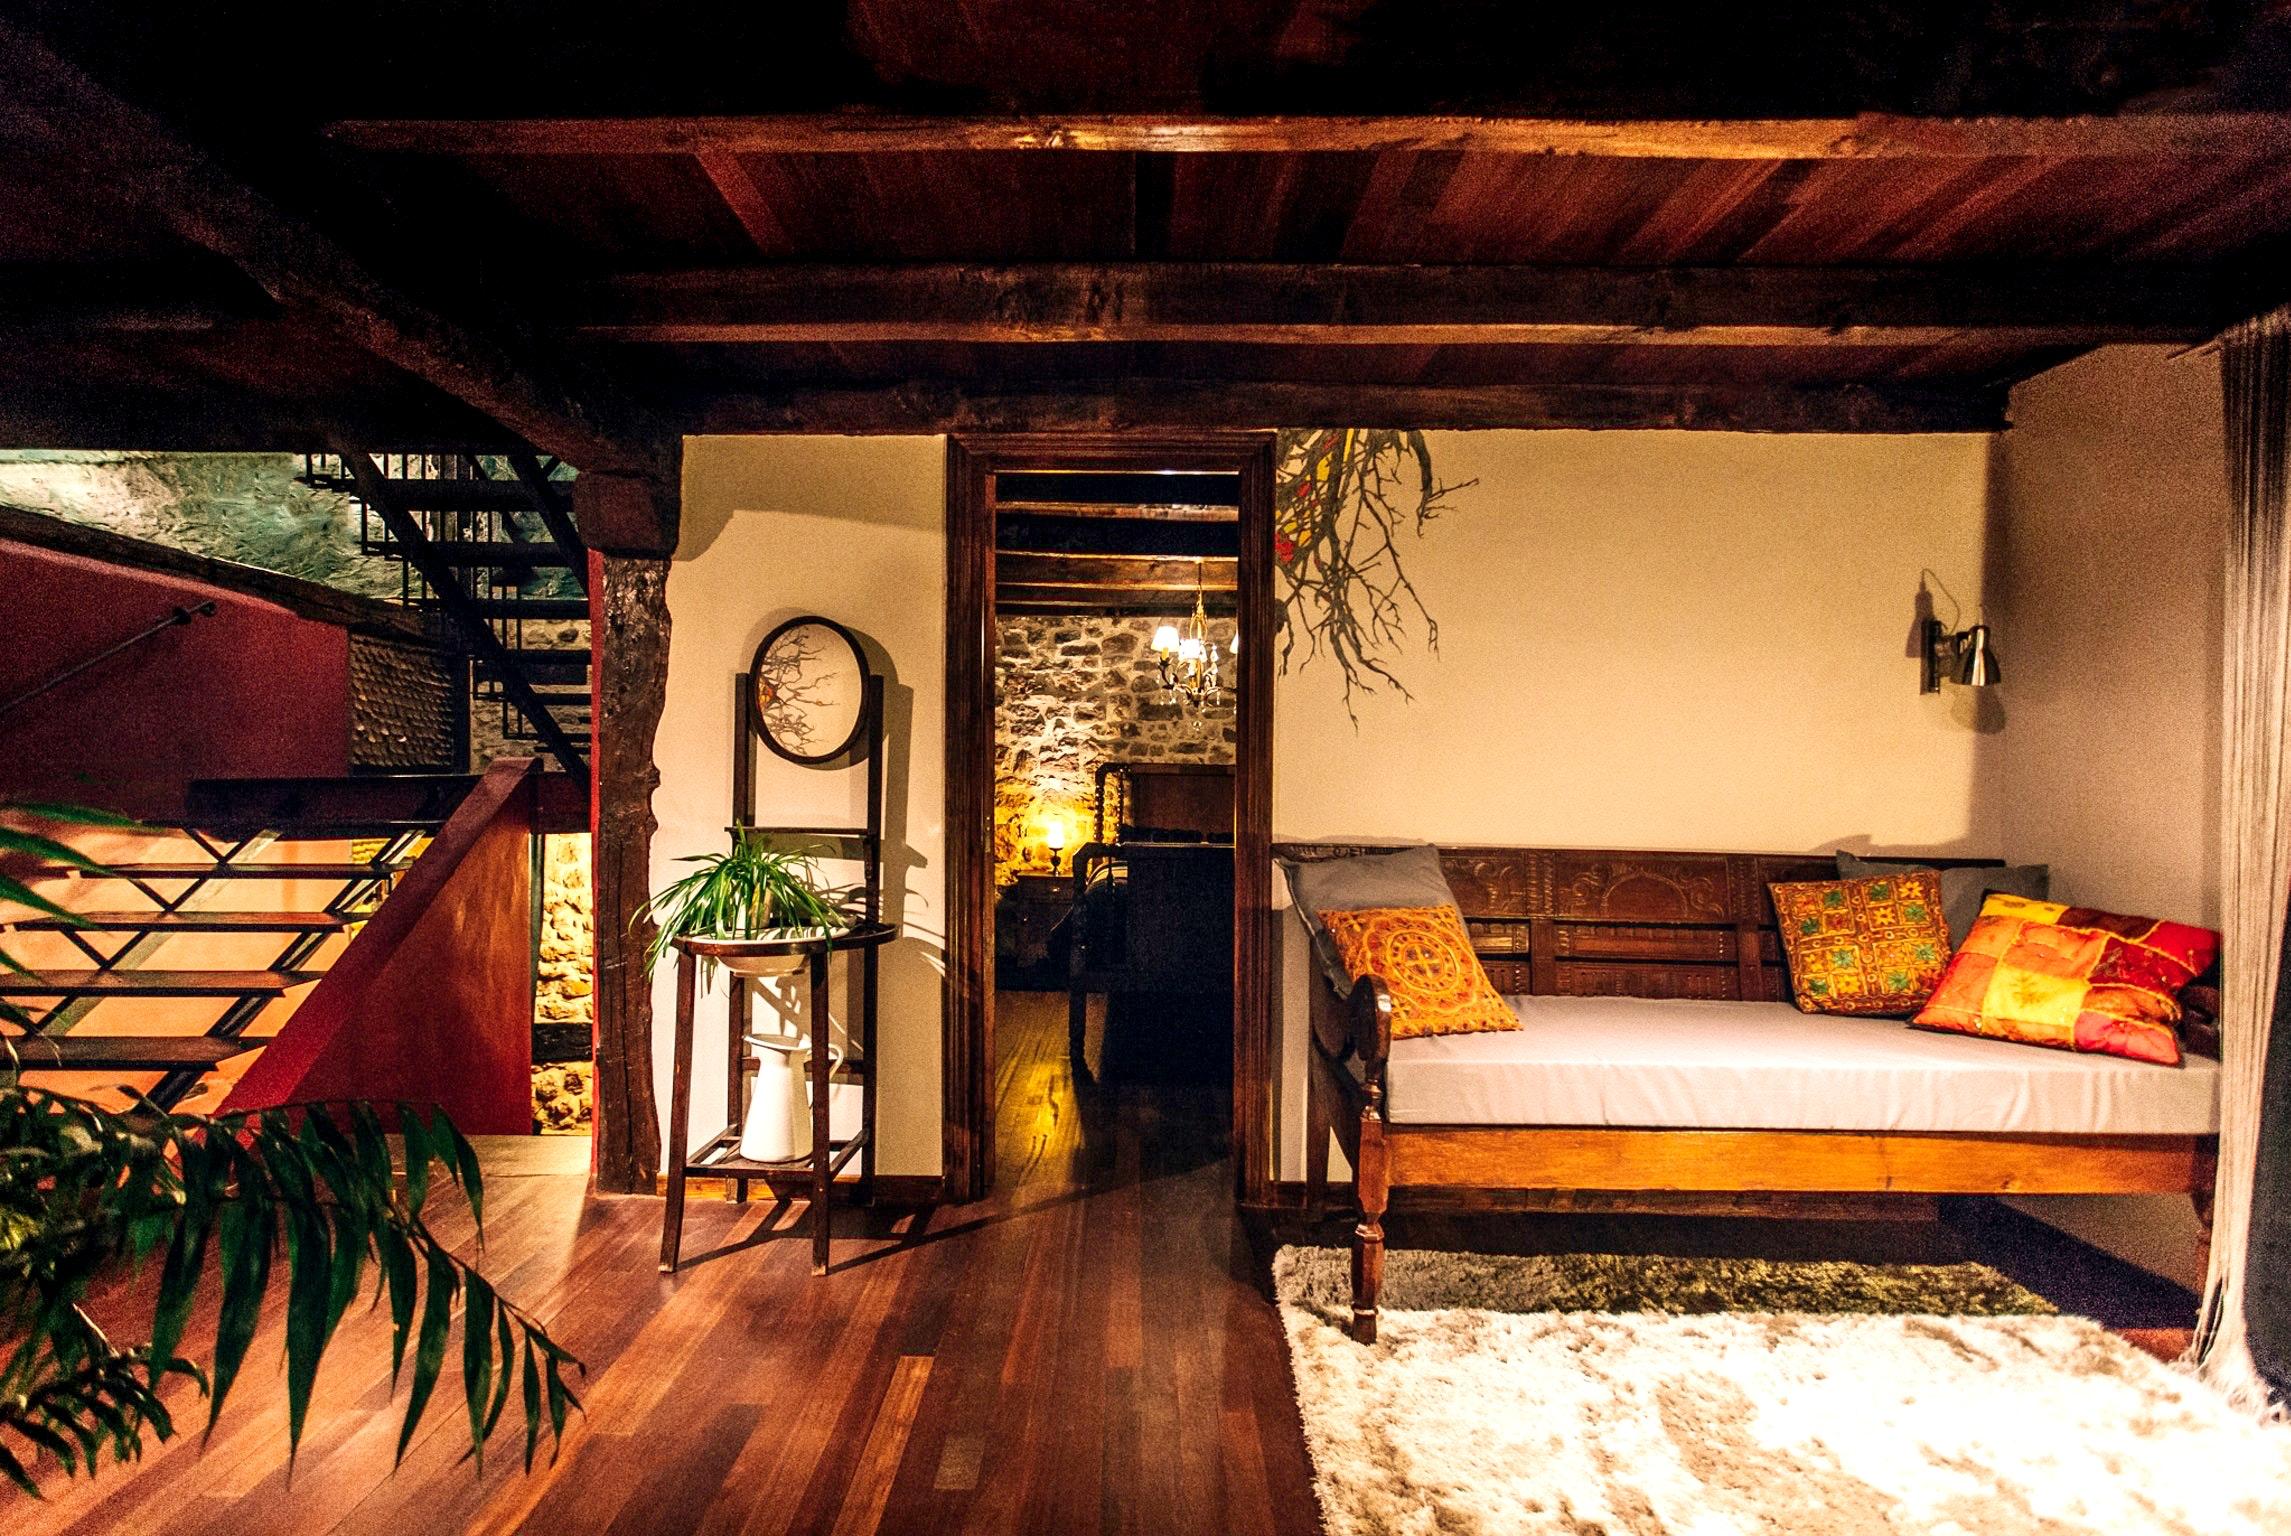 Ferienhaus Haus mit 5 Zimmern in Fuenteodra mit toller Aussicht auf die Berge, eingezäuntem Garten un (2211142), Fuenteodra, Burgos, Kastilien-León, Spanien, Bild 17